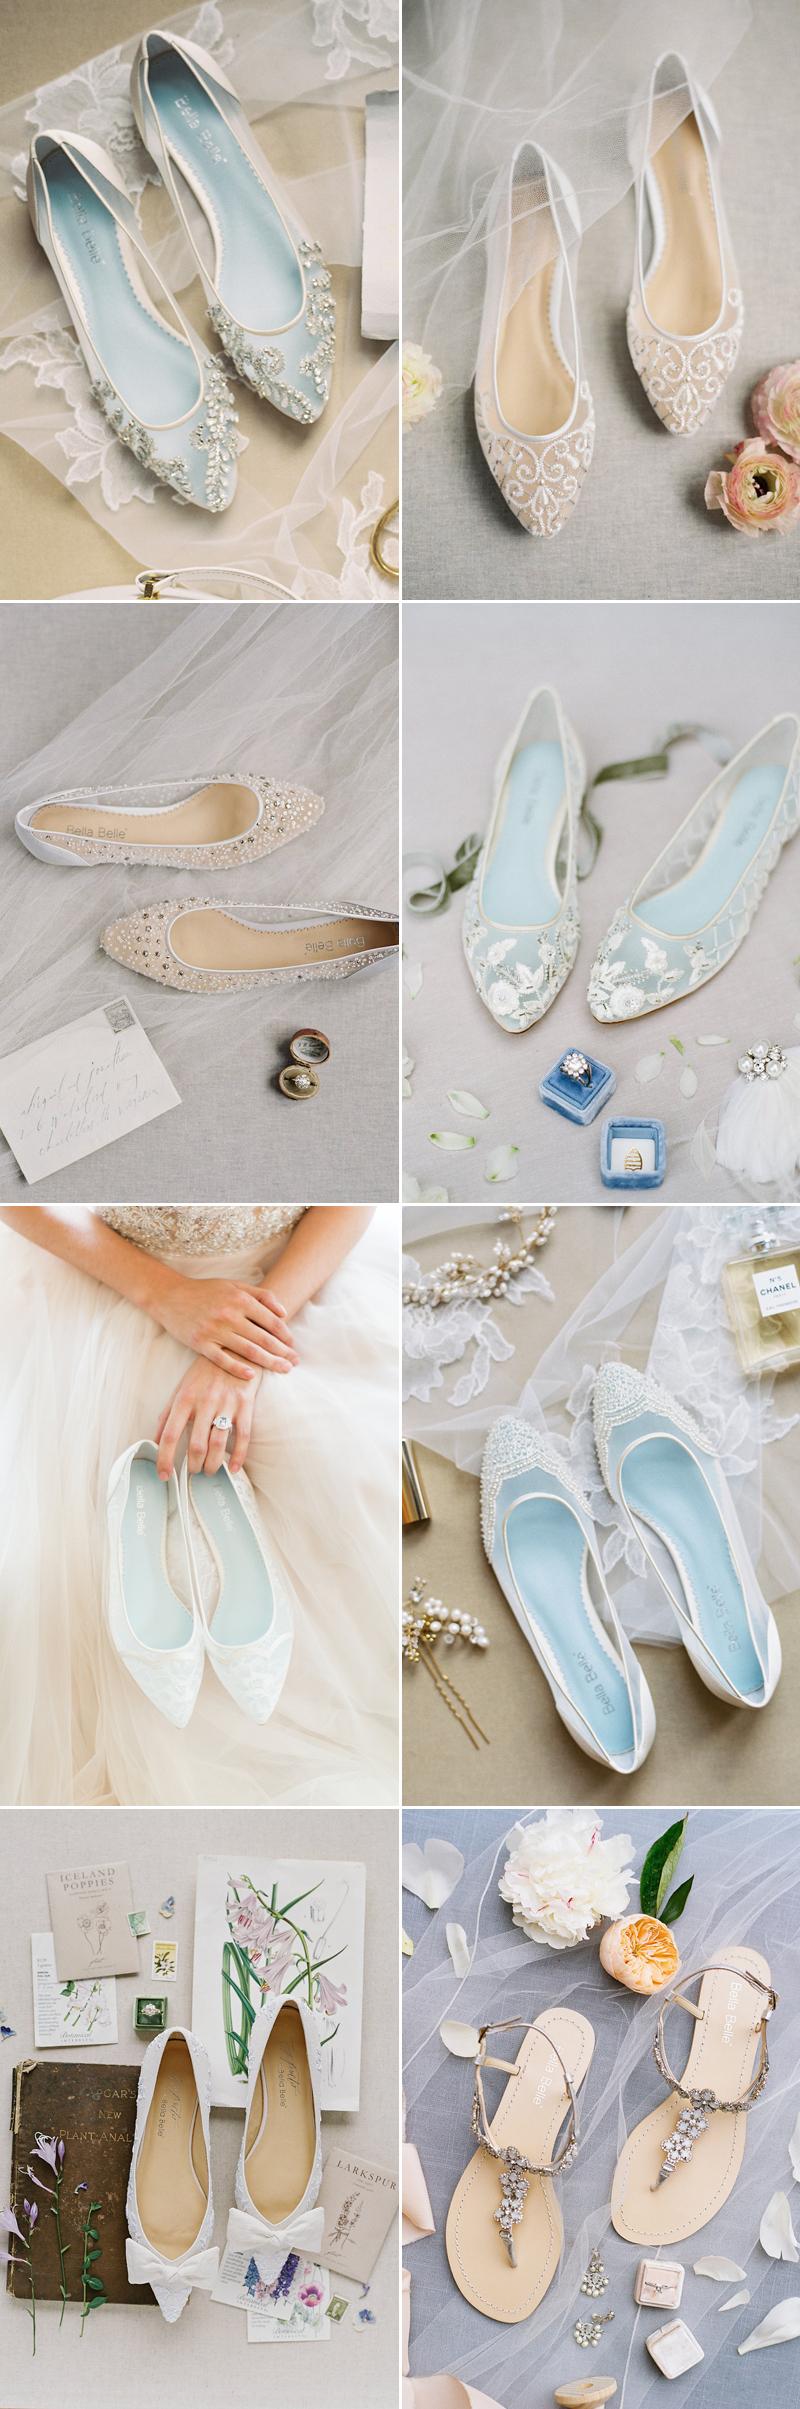 weddingflats01-bellabelleshoes